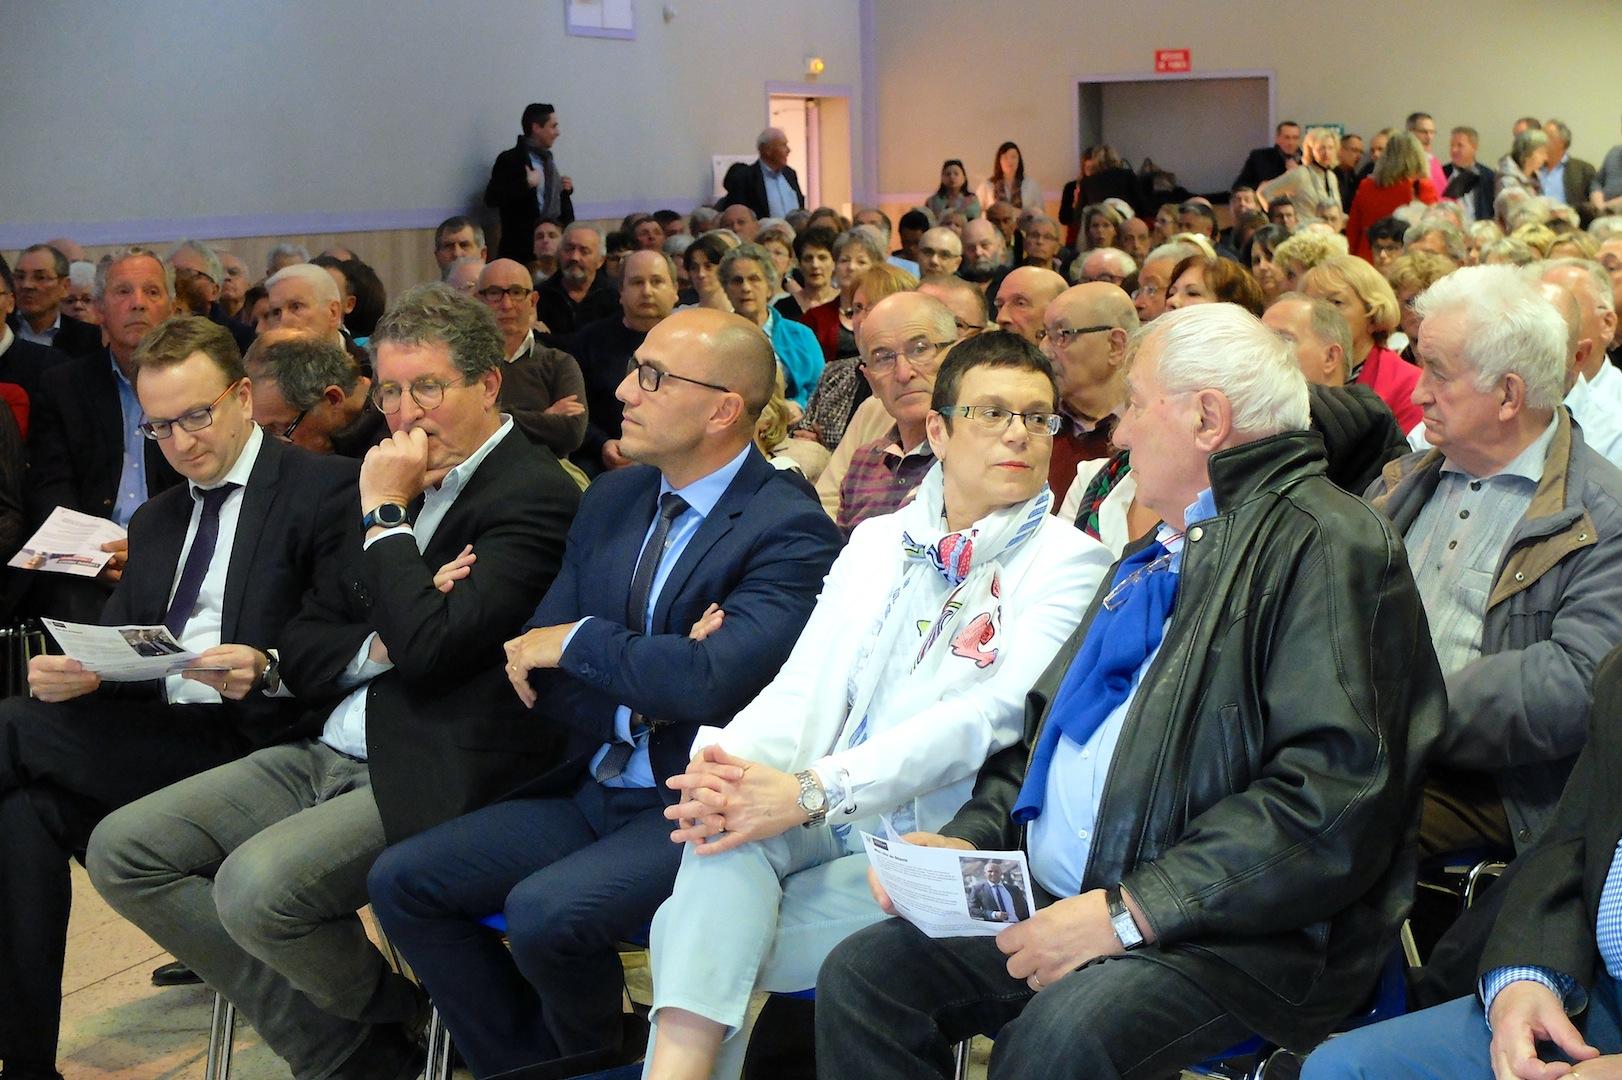 Au premier rang du meeting, Ludovic Fagaut encadré par Denis Leroux, Philippe Gonon, Christine Bouquin et Georges Gruillot. (Photos Daniel Bordur)